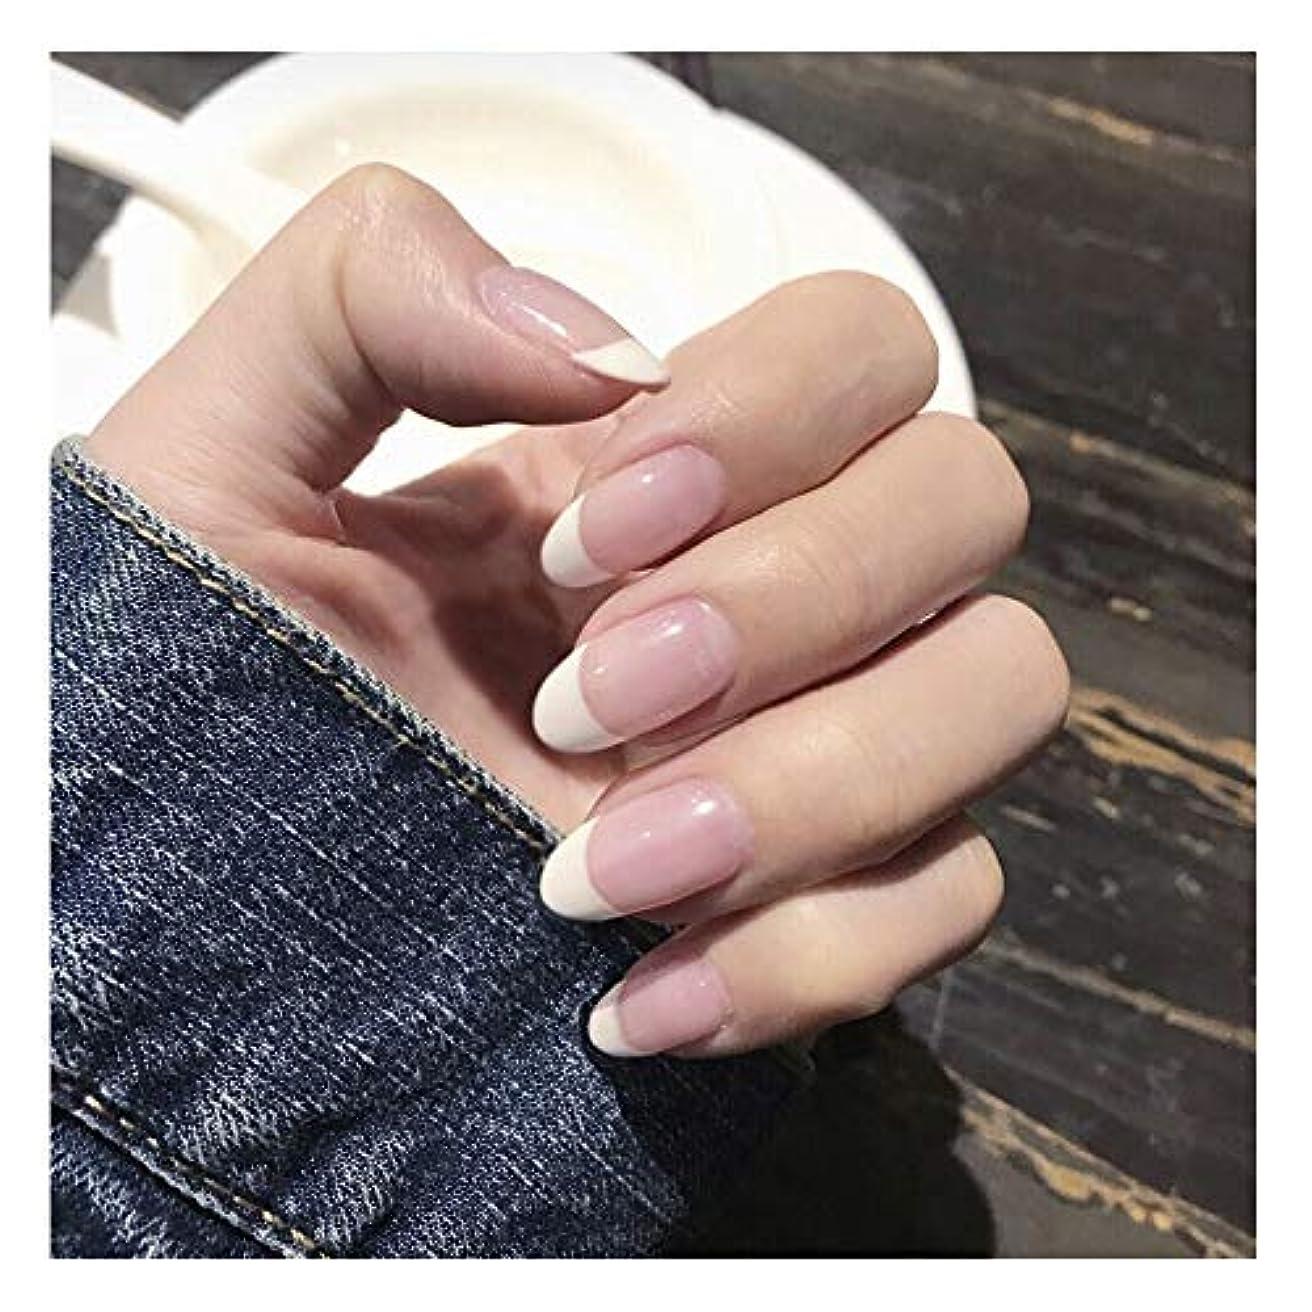 スリルユーモラススピンBOBIDYEE 透明ピンク+ホワイト下部偽爪ロングネイルズグルー完成ネイル偽爪を指摘しました (色 : 24 pieces)